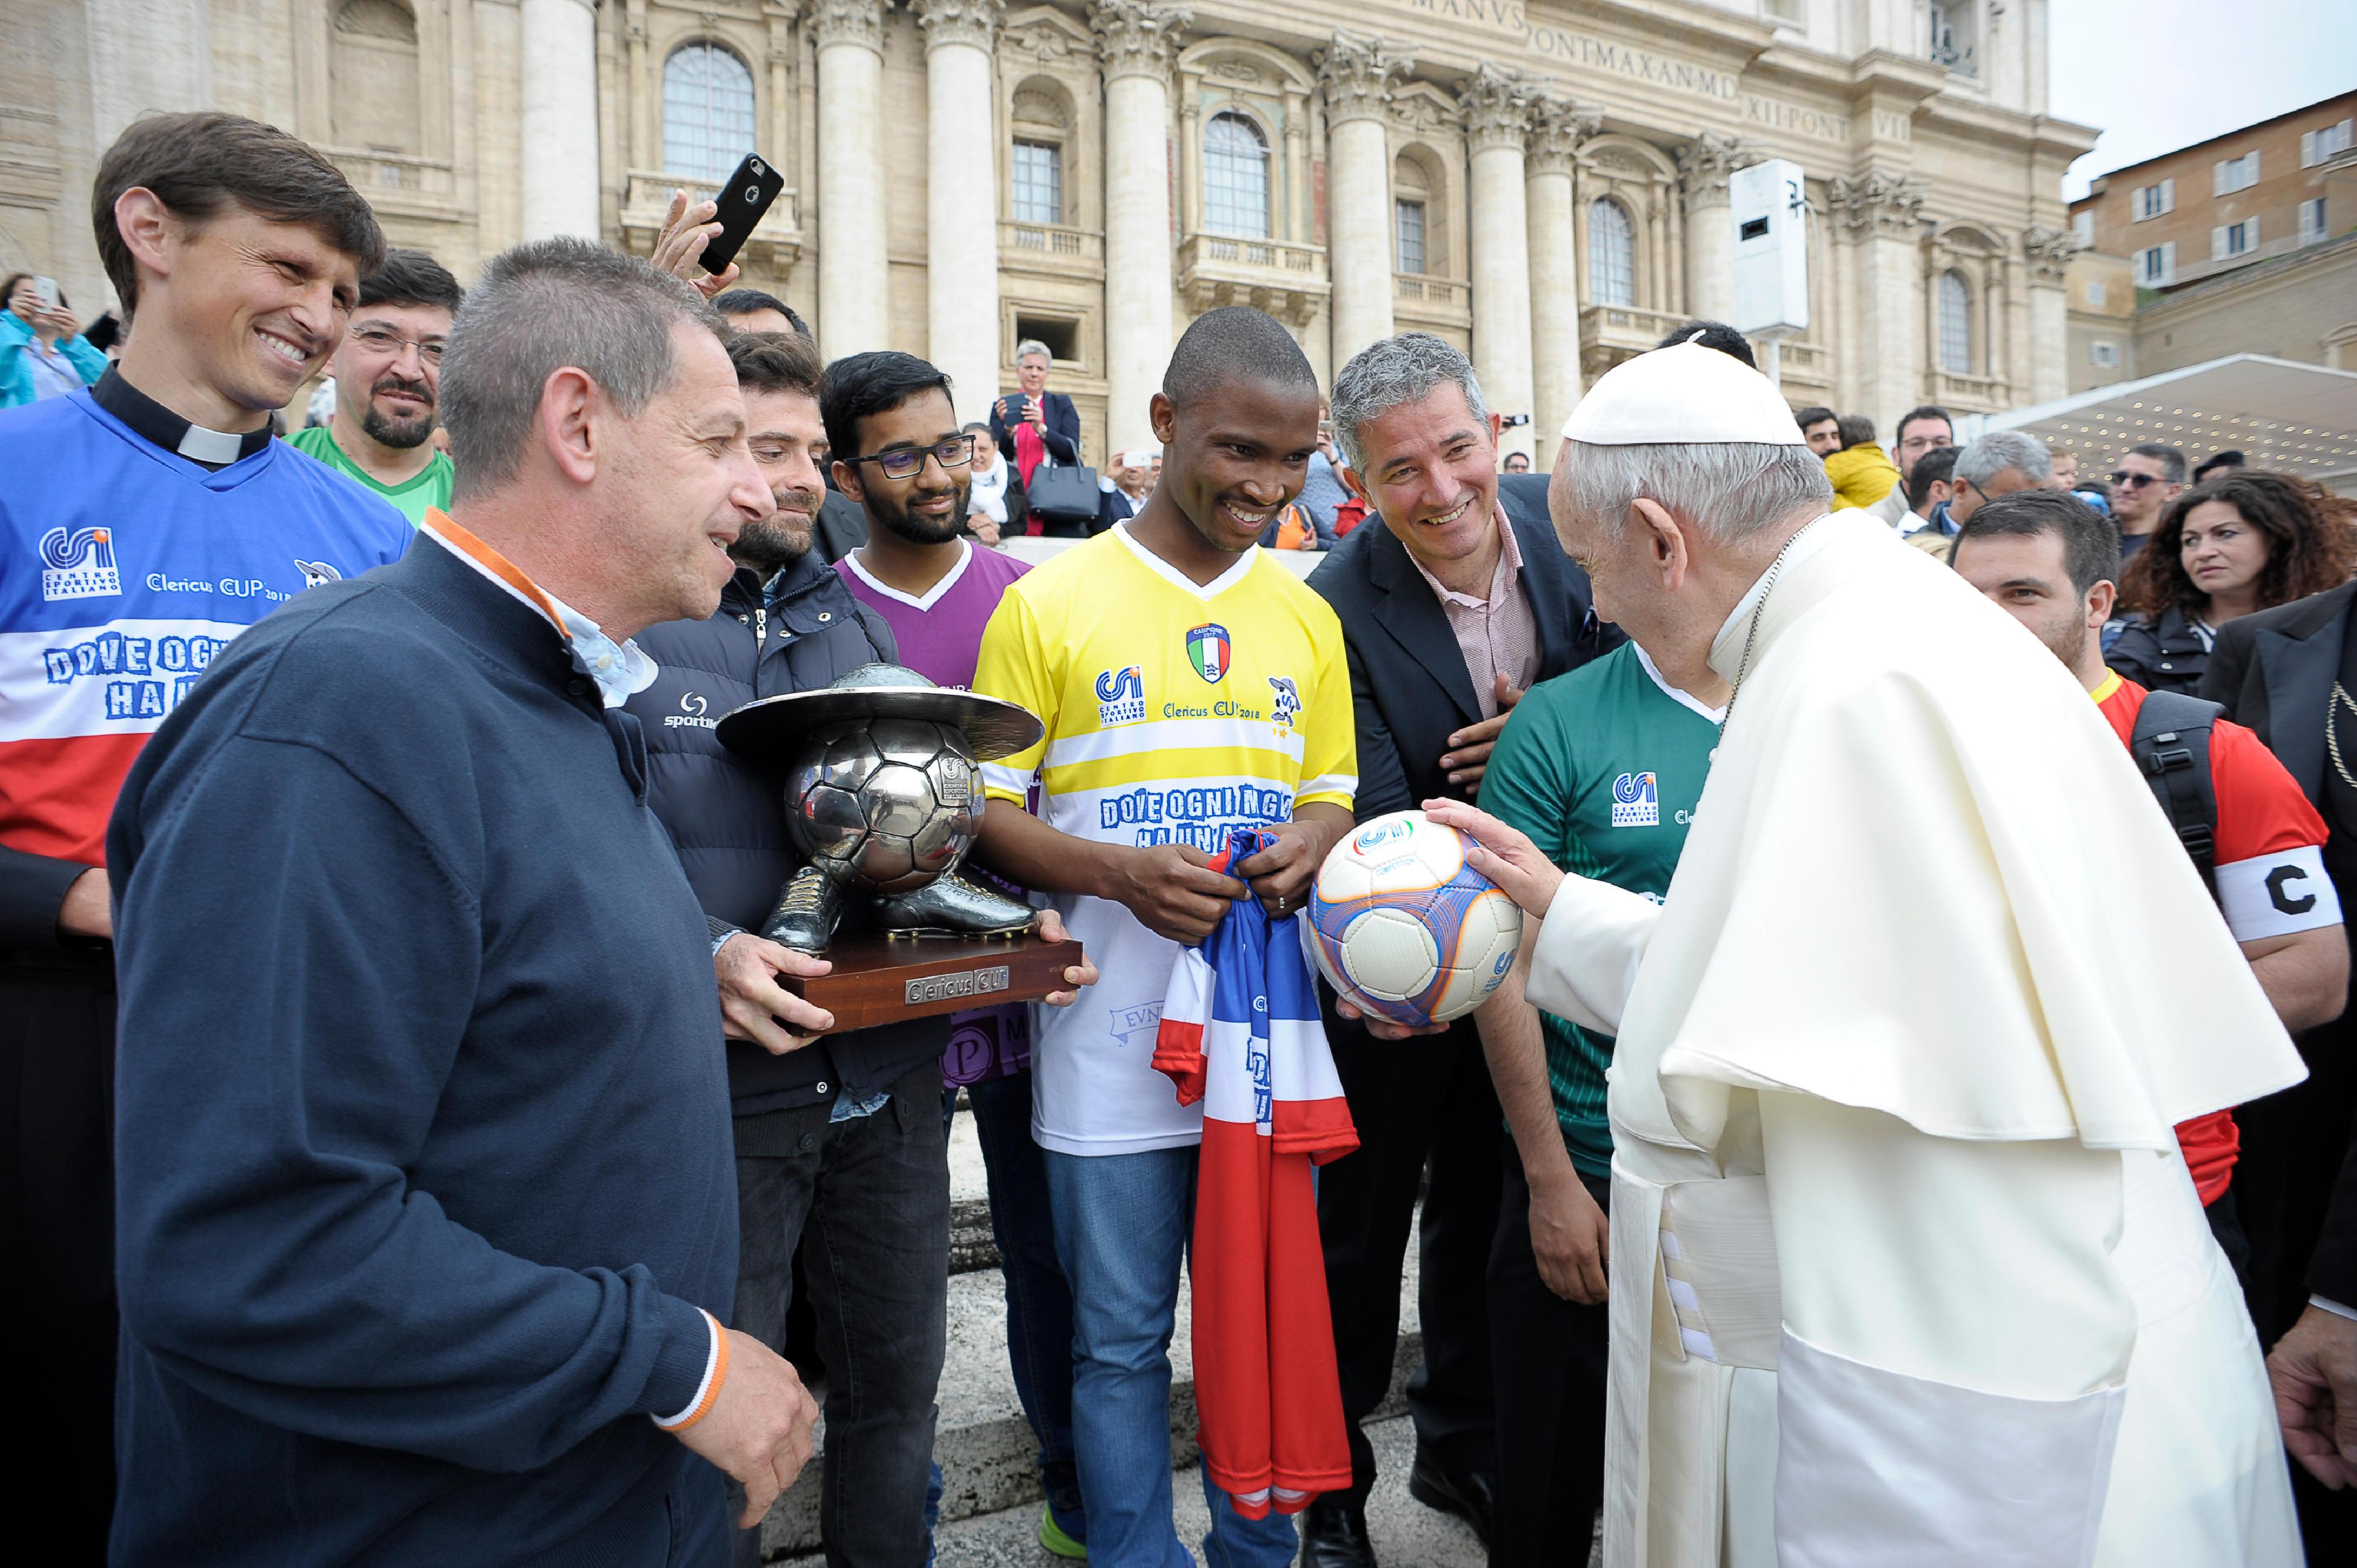 Joueurs de football de la Clericus Cup © Vatican News